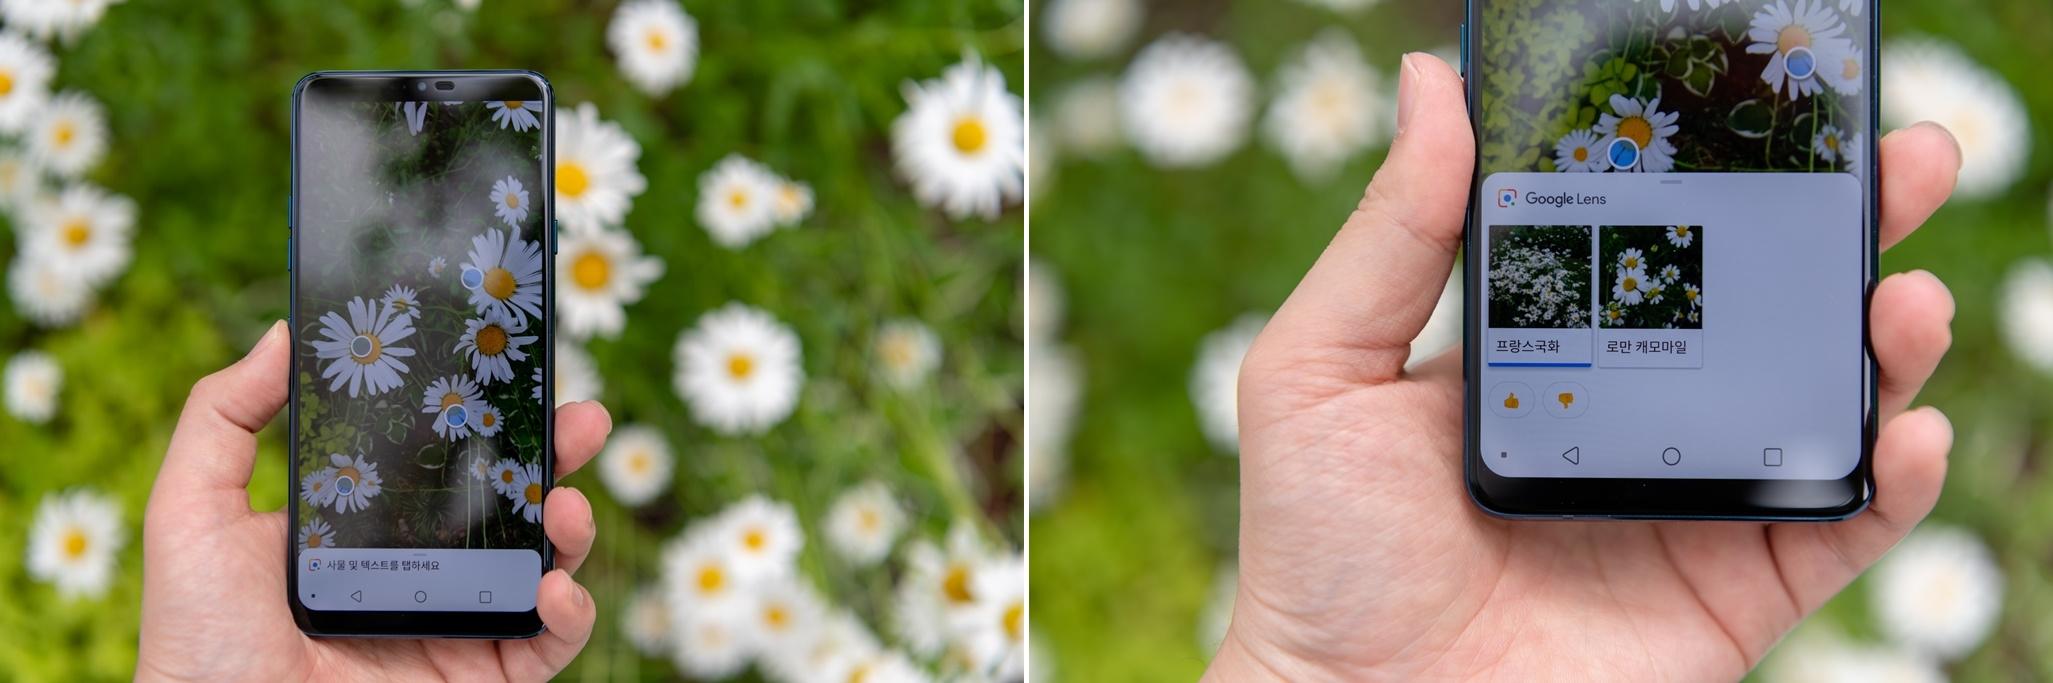 LG G7 ThinQ의 구글 렌즈